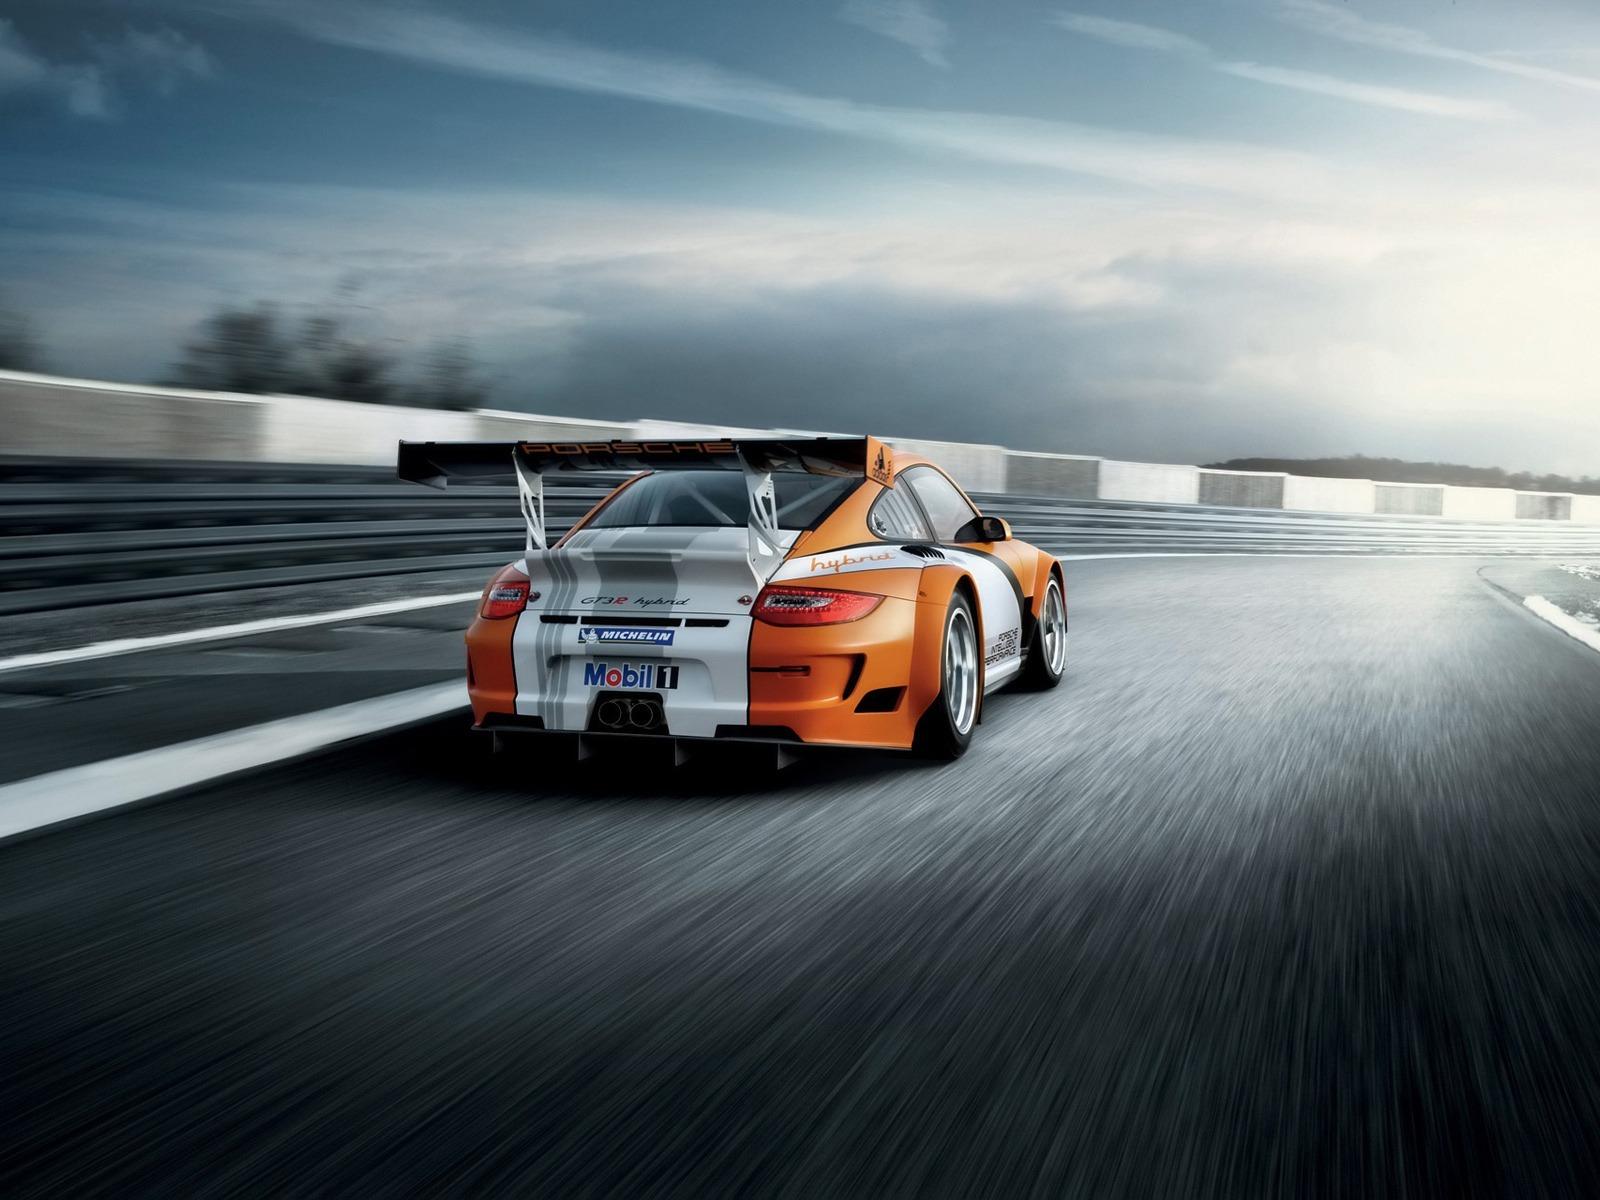 Porsche 911 Gt3 Rs Wallpaper Foto Hd 19 Visualizacao 10wallpaper Com